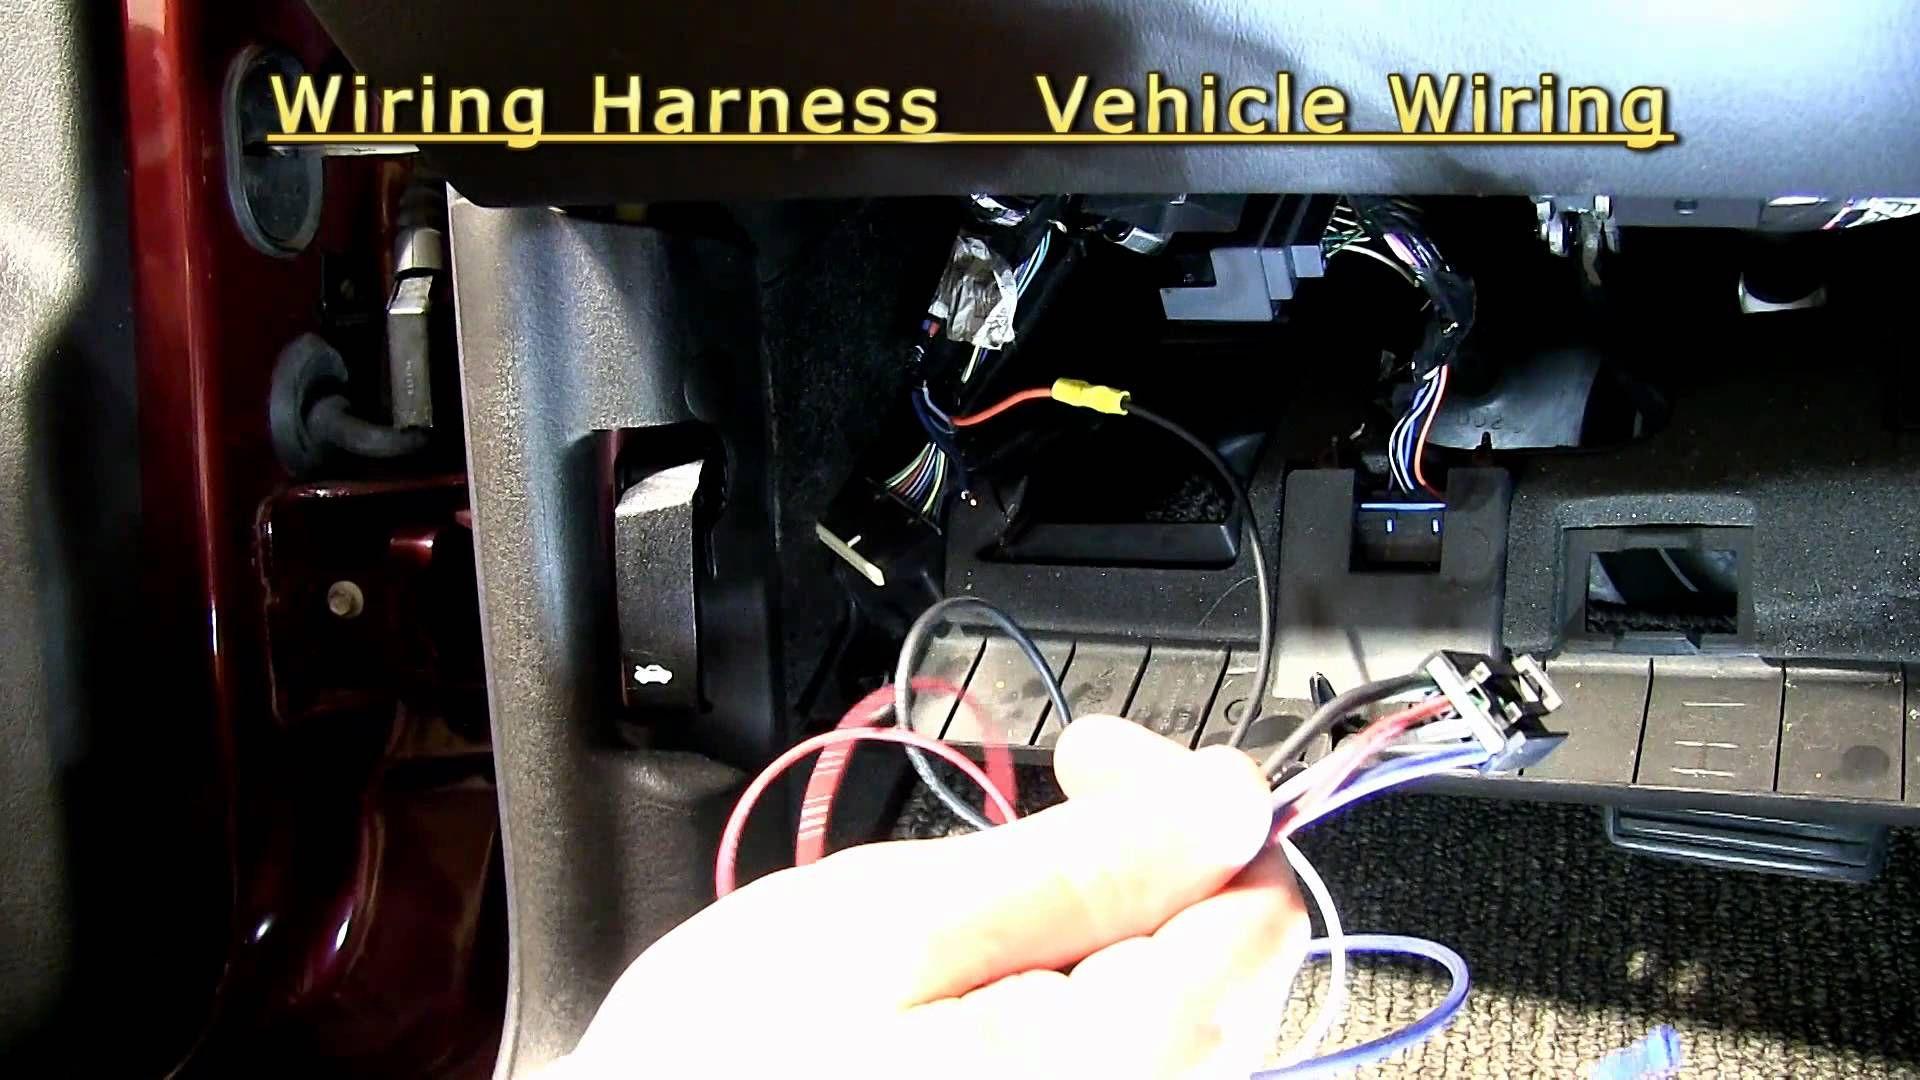 Trailer Brake Controller Installation - 2005 Chevrolet TrailBlazer - etr.